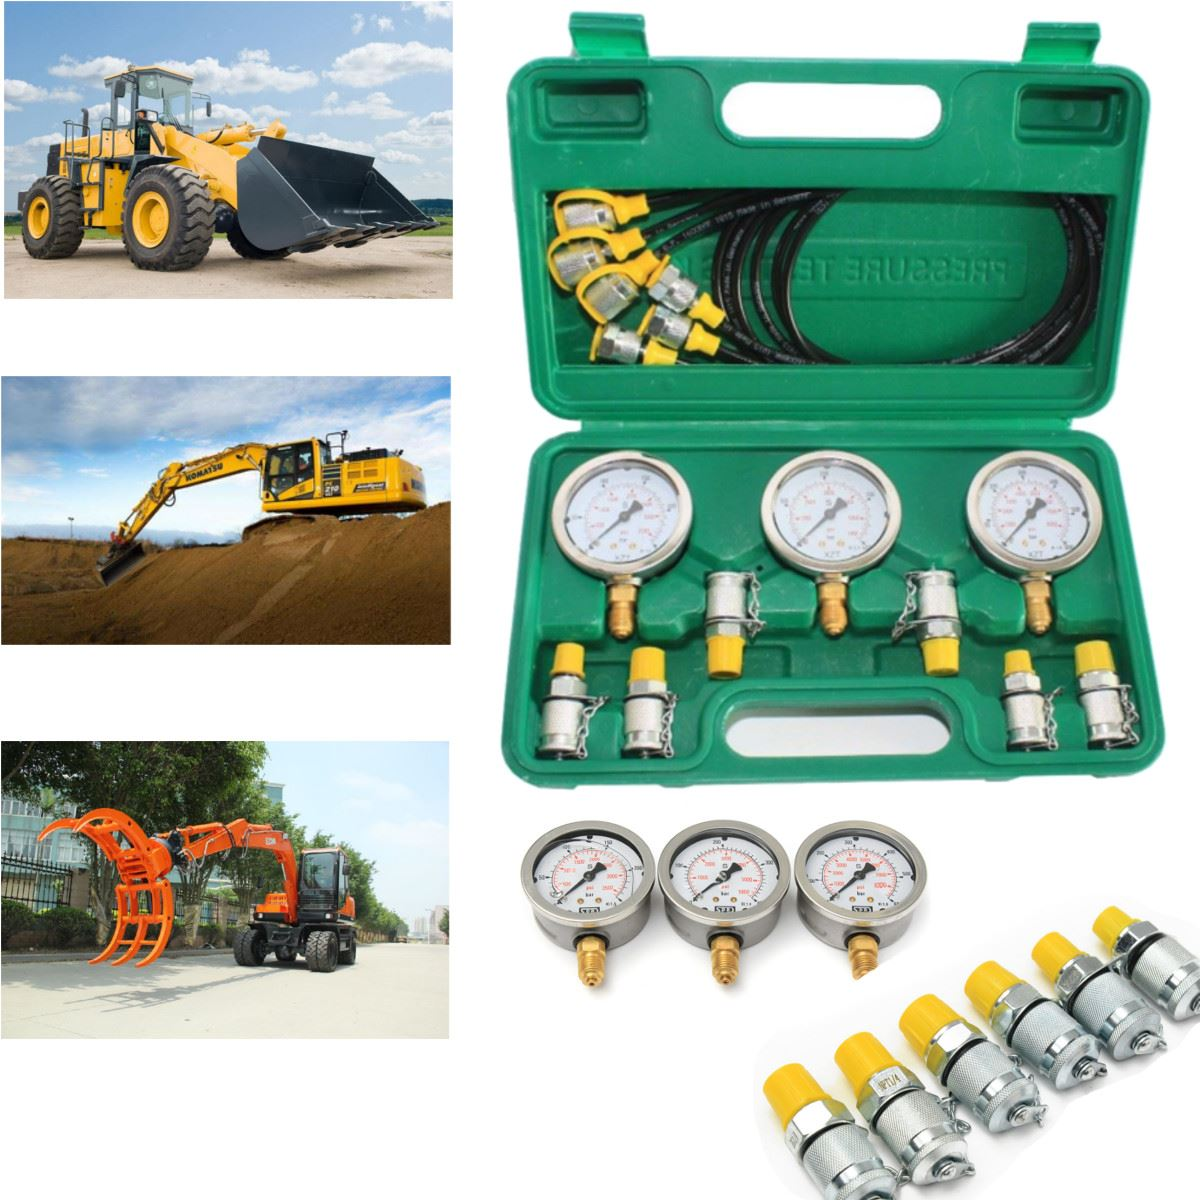 Sp600 Pelle Hydraulique Pression Test Kit Jauge Testeur Couplage pour Pelle